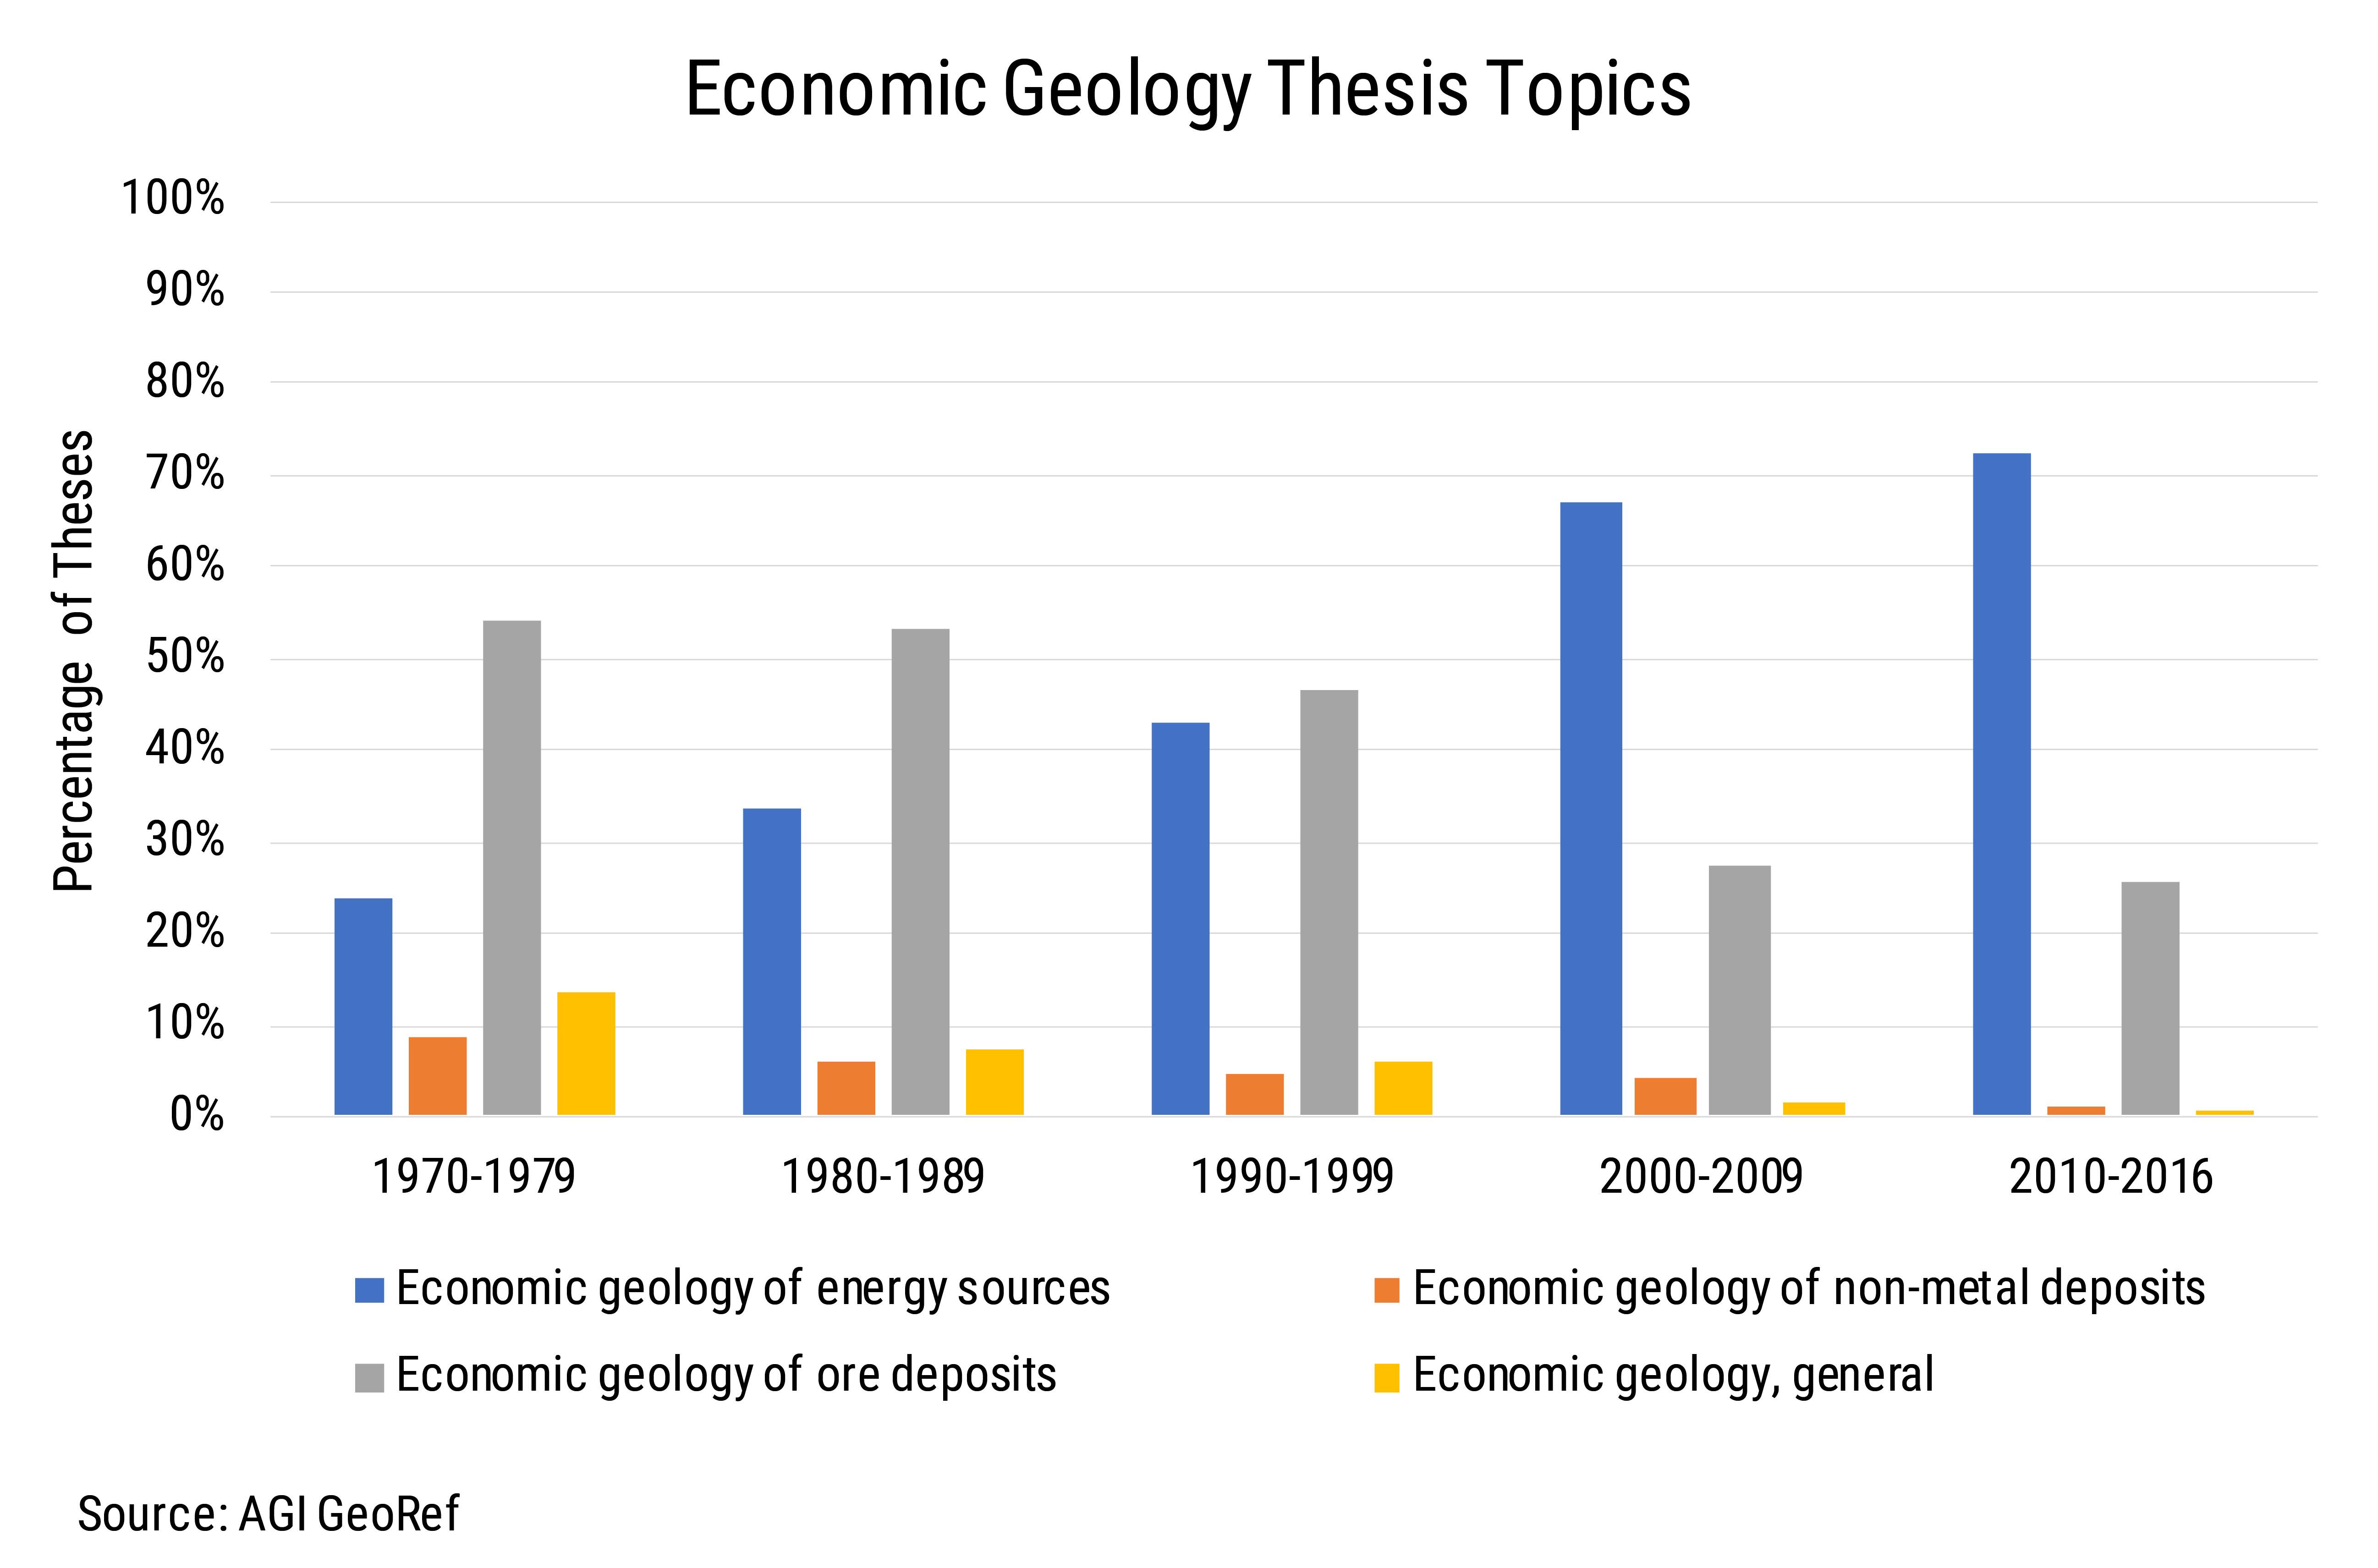 Economic Geology Theses Topics (Source: AGI GeoRef)